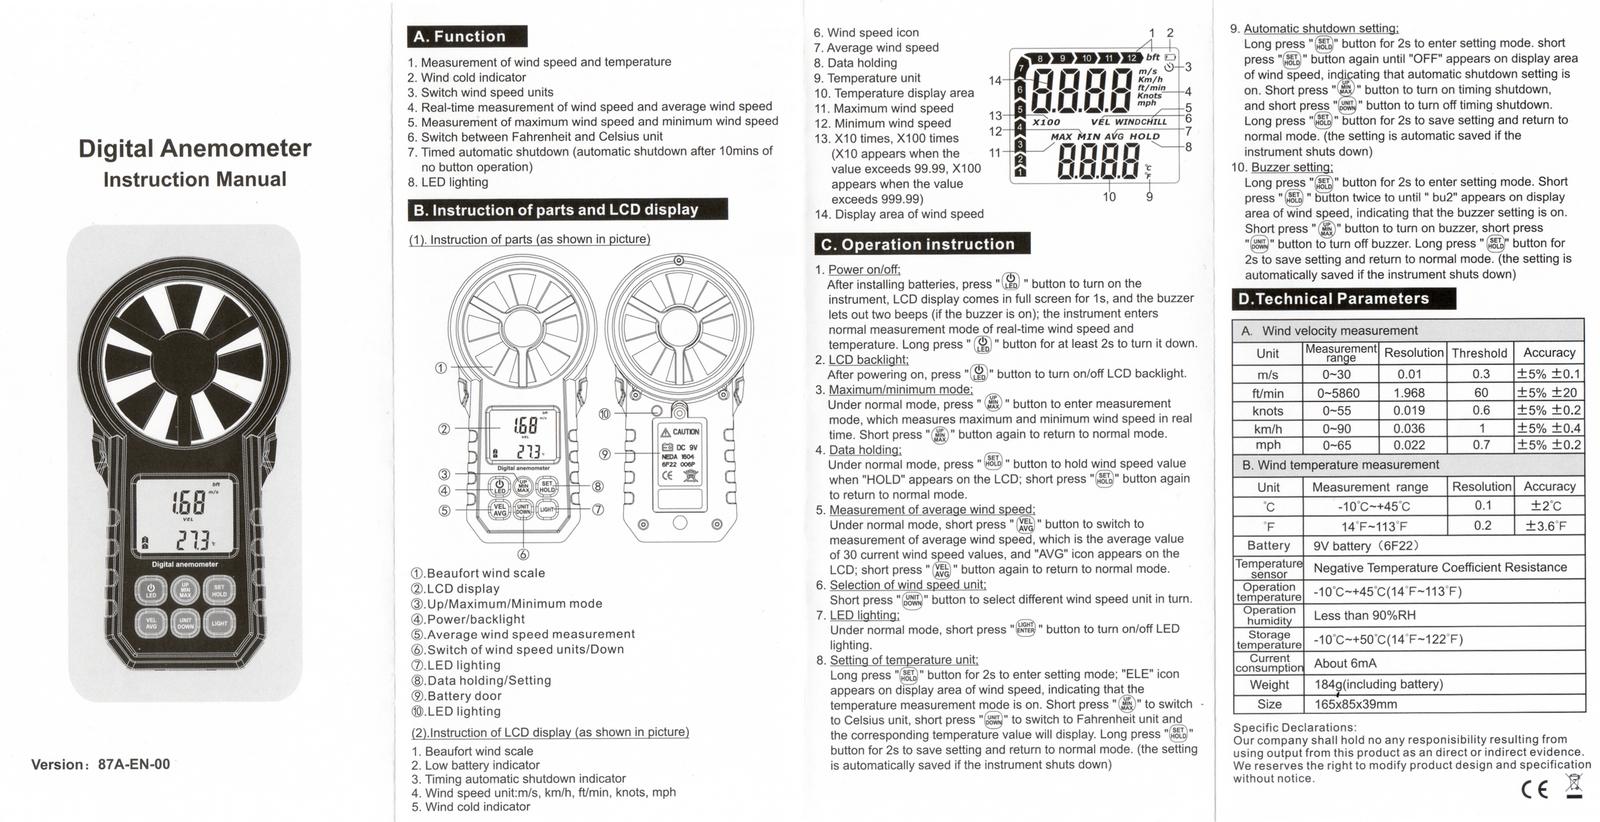 Notice d'utilisation Anémomètre Numérique 87A-EN-00 de Cafago